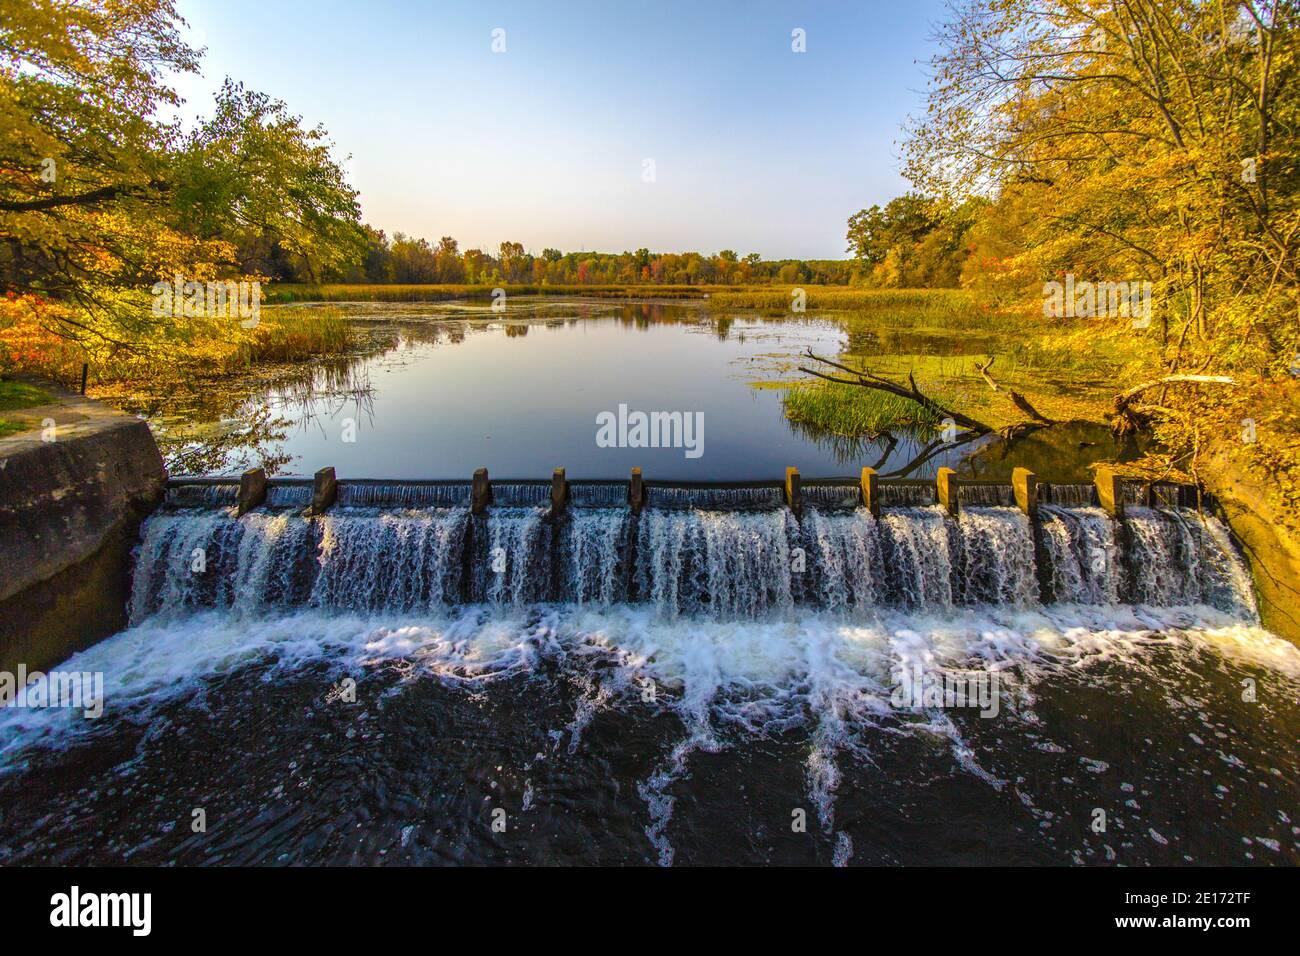 Presa en el río crea un hermoso humedal natural con árboles reflejados en el embalse. Foto de stock